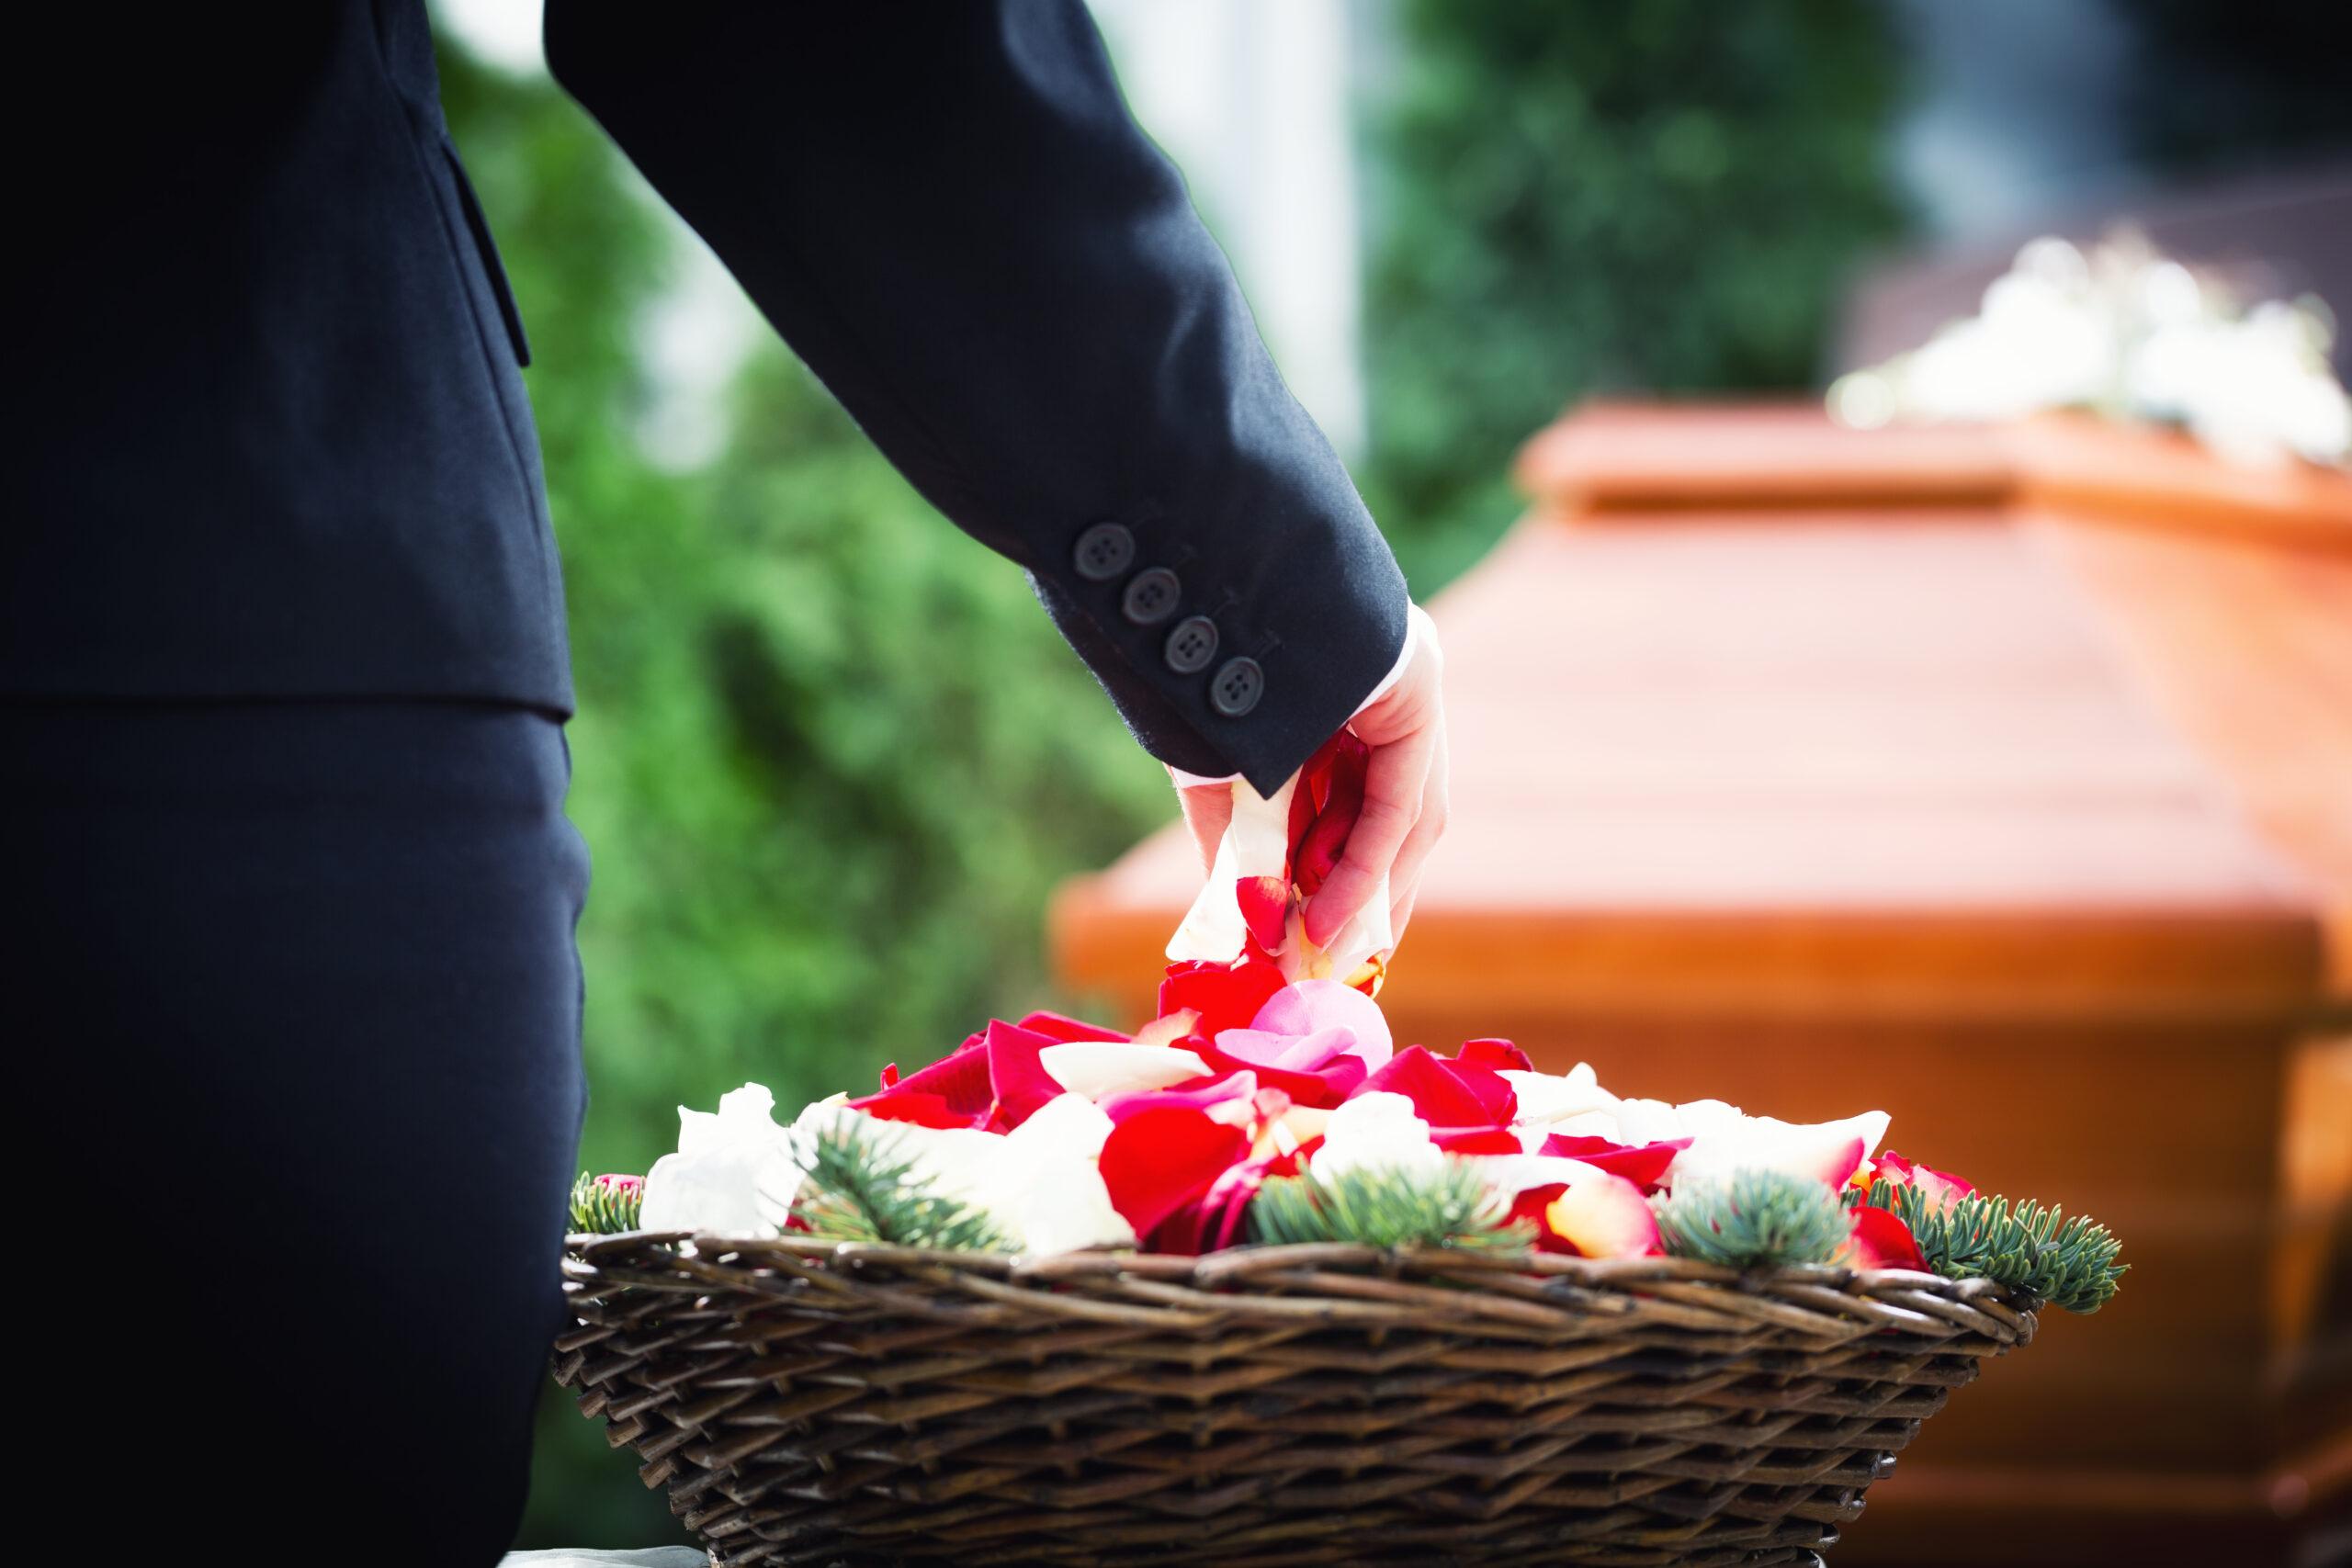 BeerdigungLöfgenFriedhof